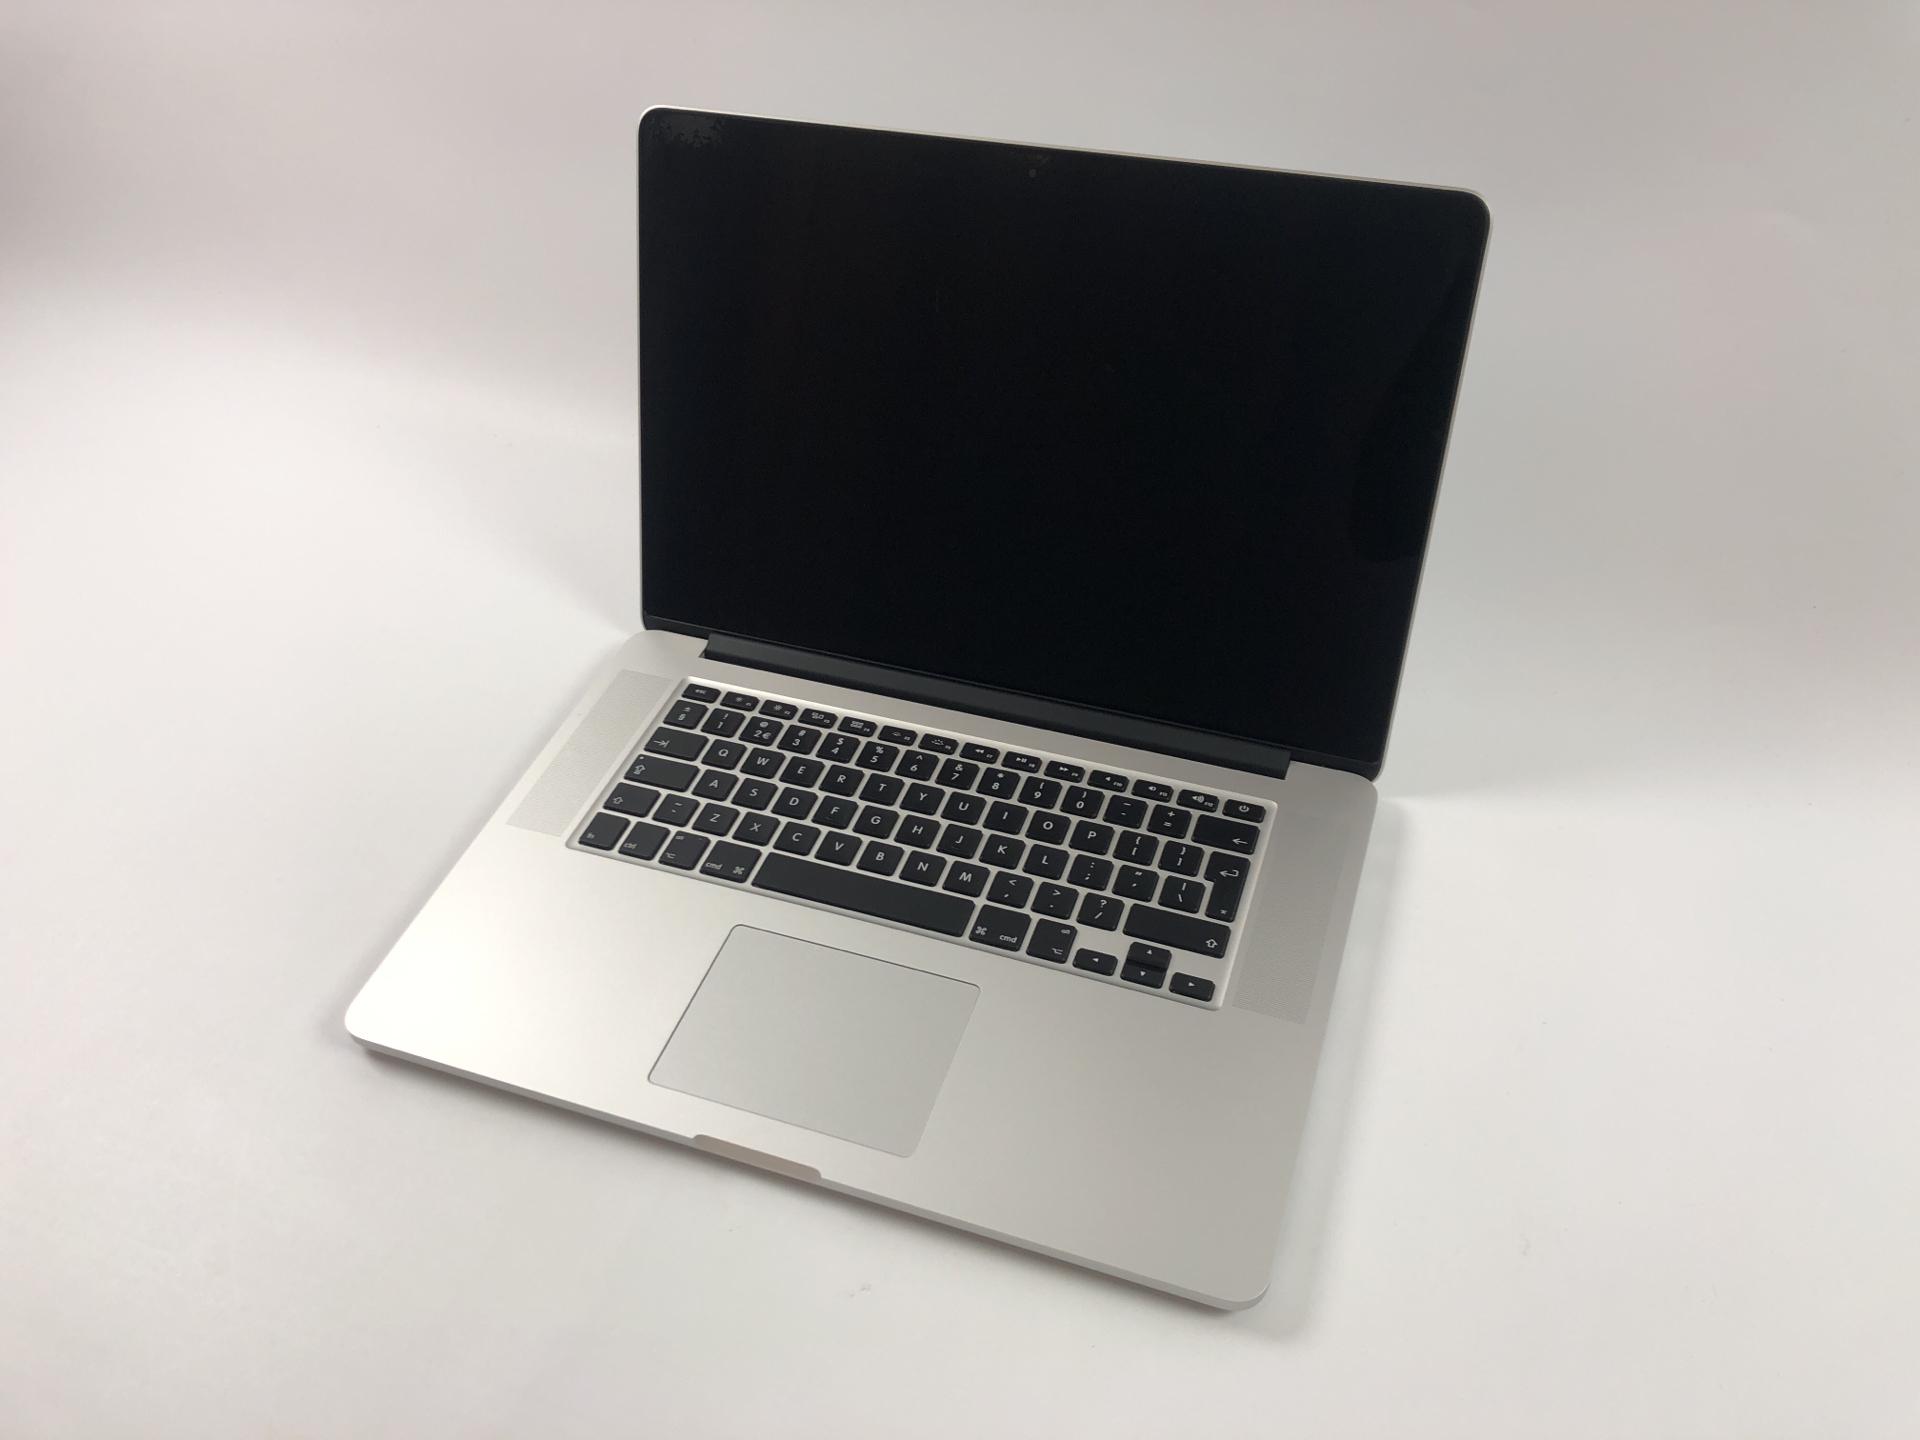 """MacBook Pro Retina 15"""" Mid 2014 (Intel Quad-Core i7 2.5 GHz 16 GB RAM 512 GB SSD), Intel Quad-Core i7 2.5 GHz, 16 GB RAM, 512 GB SSD, Bild 2"""